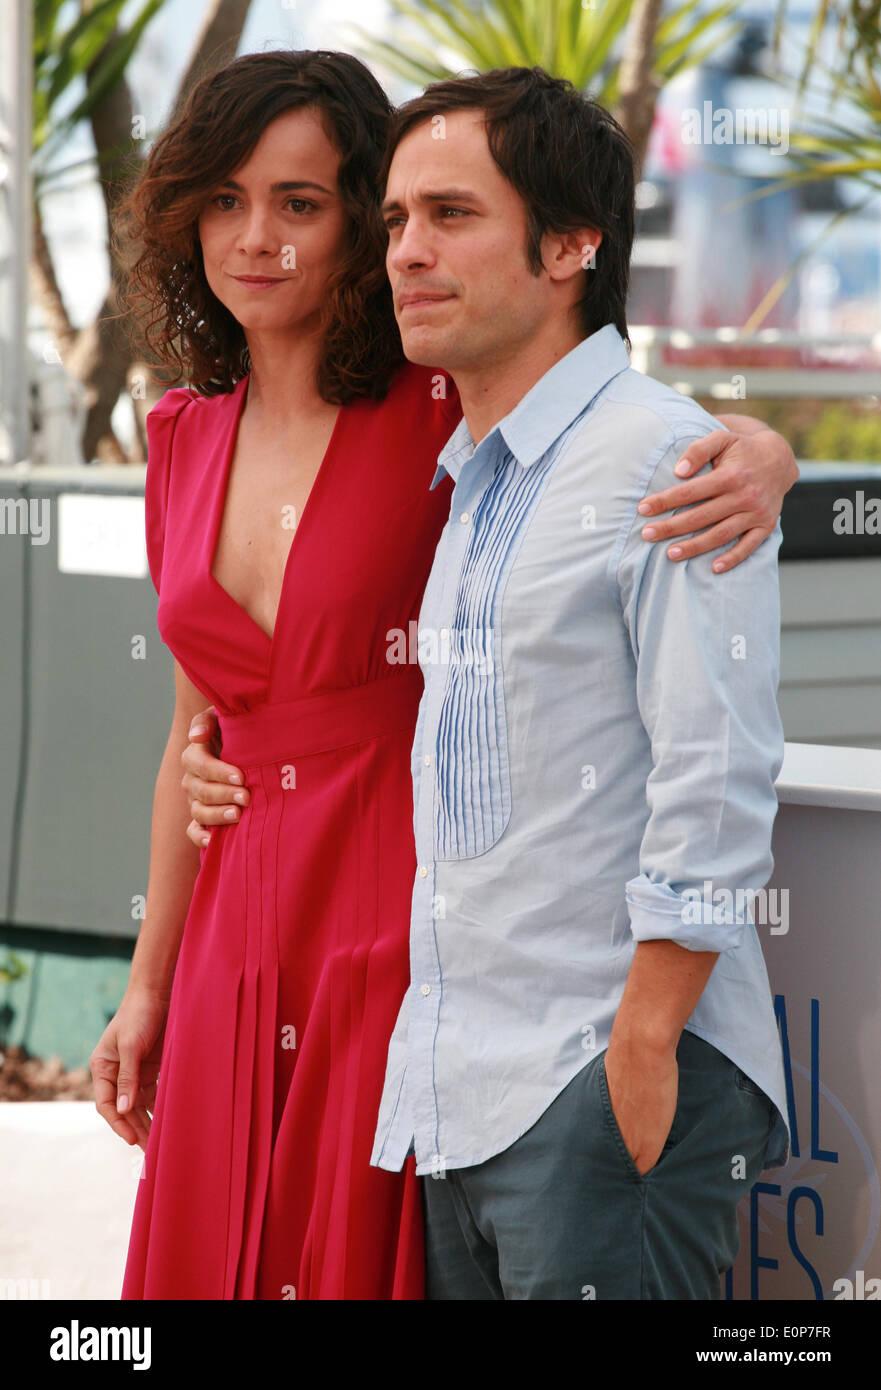 Alice Braga dating